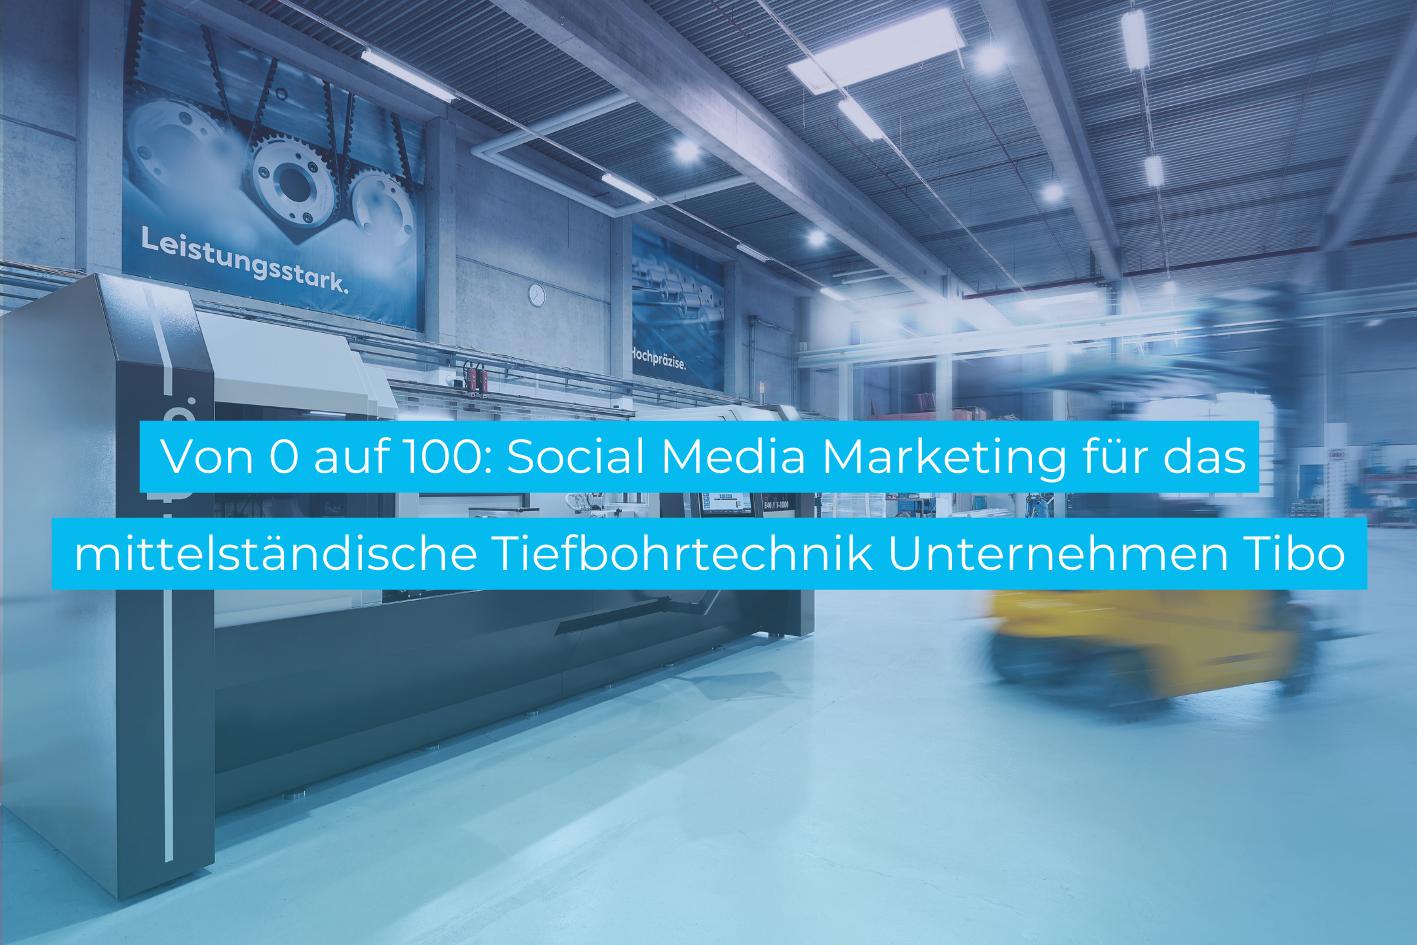 Social Media Marketing für Tiefbohrtechnik Tibo - Social Media